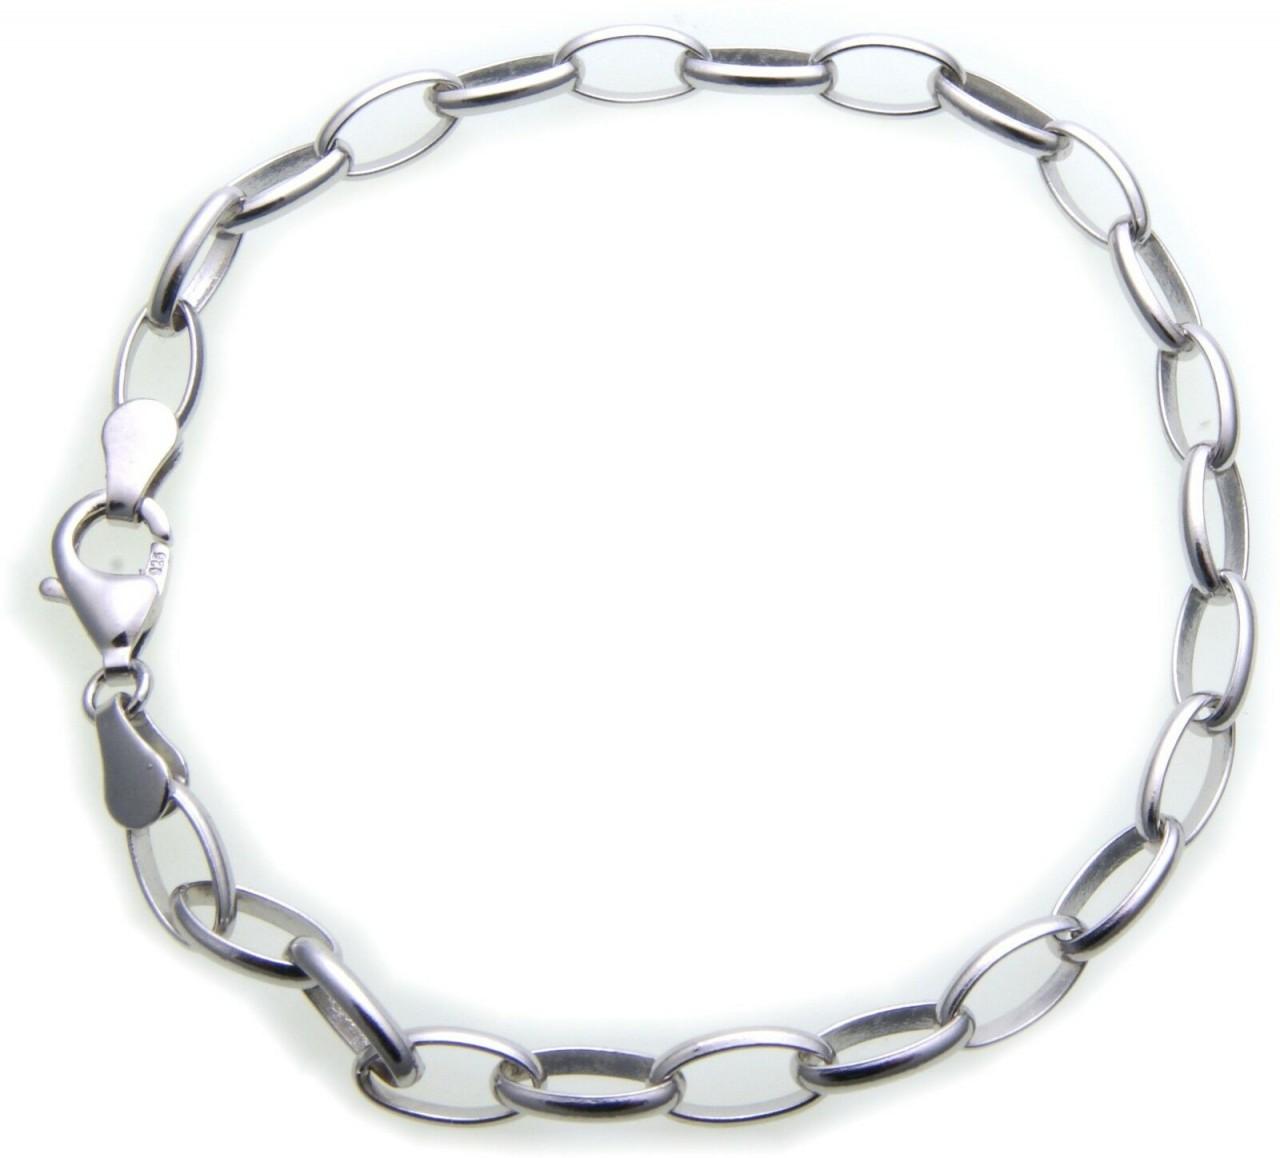 Damen Armband Kette für Charms Charm echt Silber 925 Einhänger Sterlingsilber